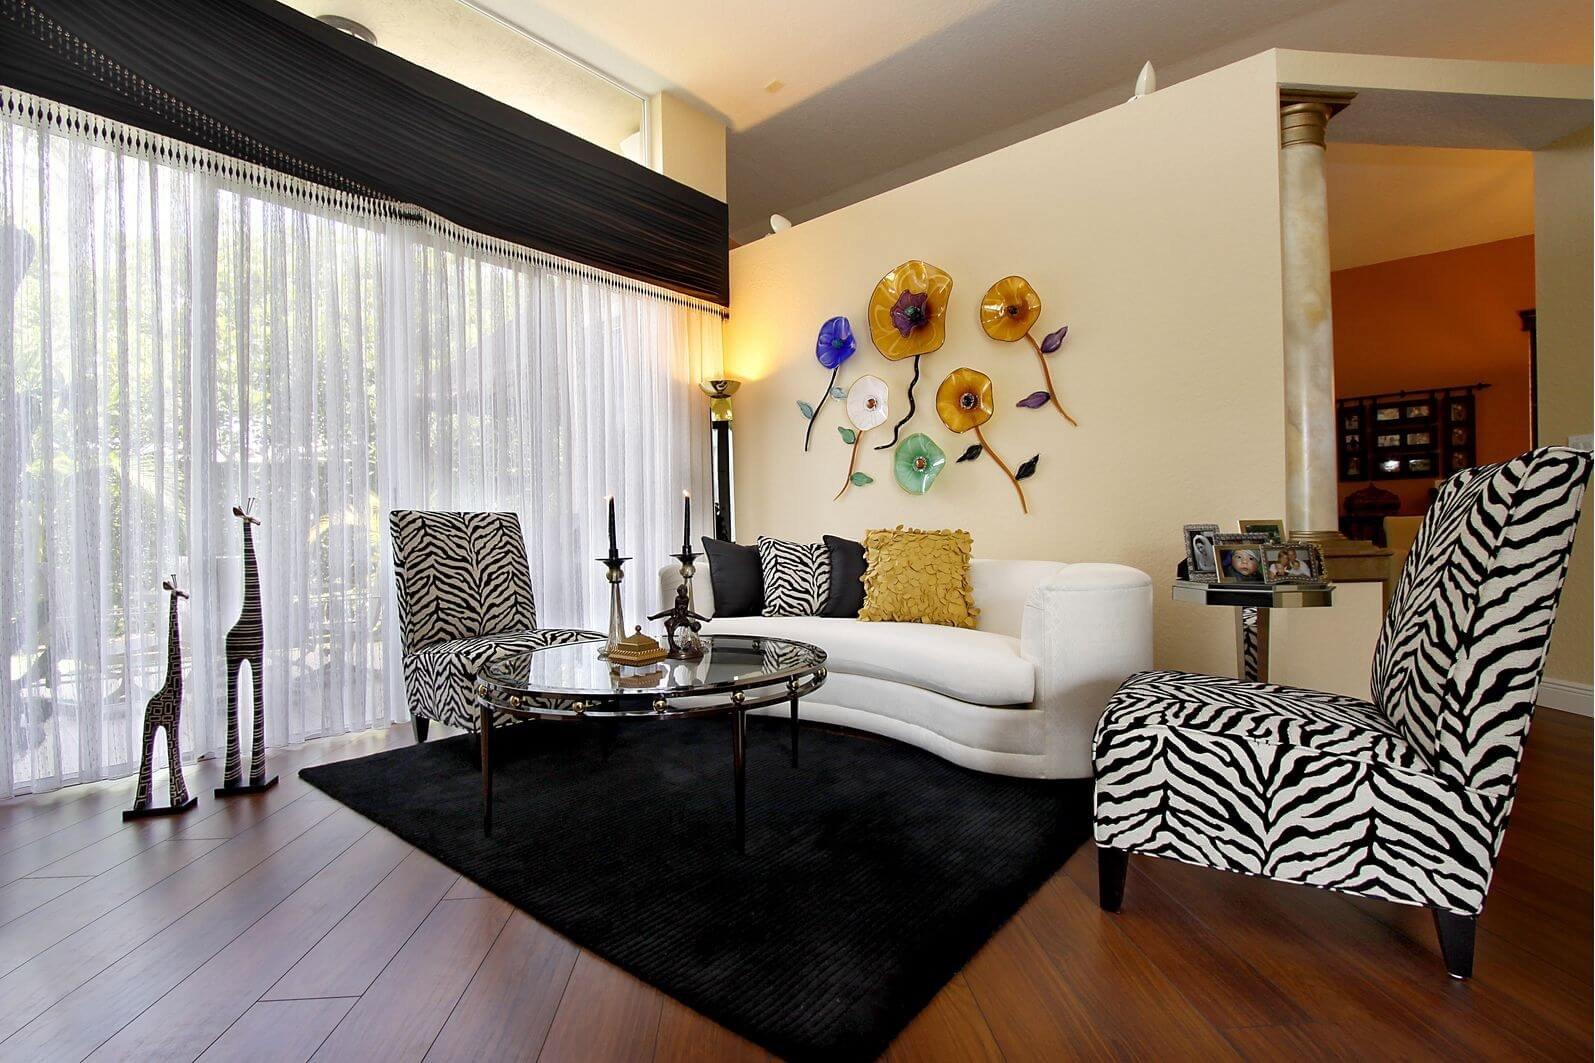 Zebra Decor for Living Room Luxury 17 Zebra Living Room Decor Ideas